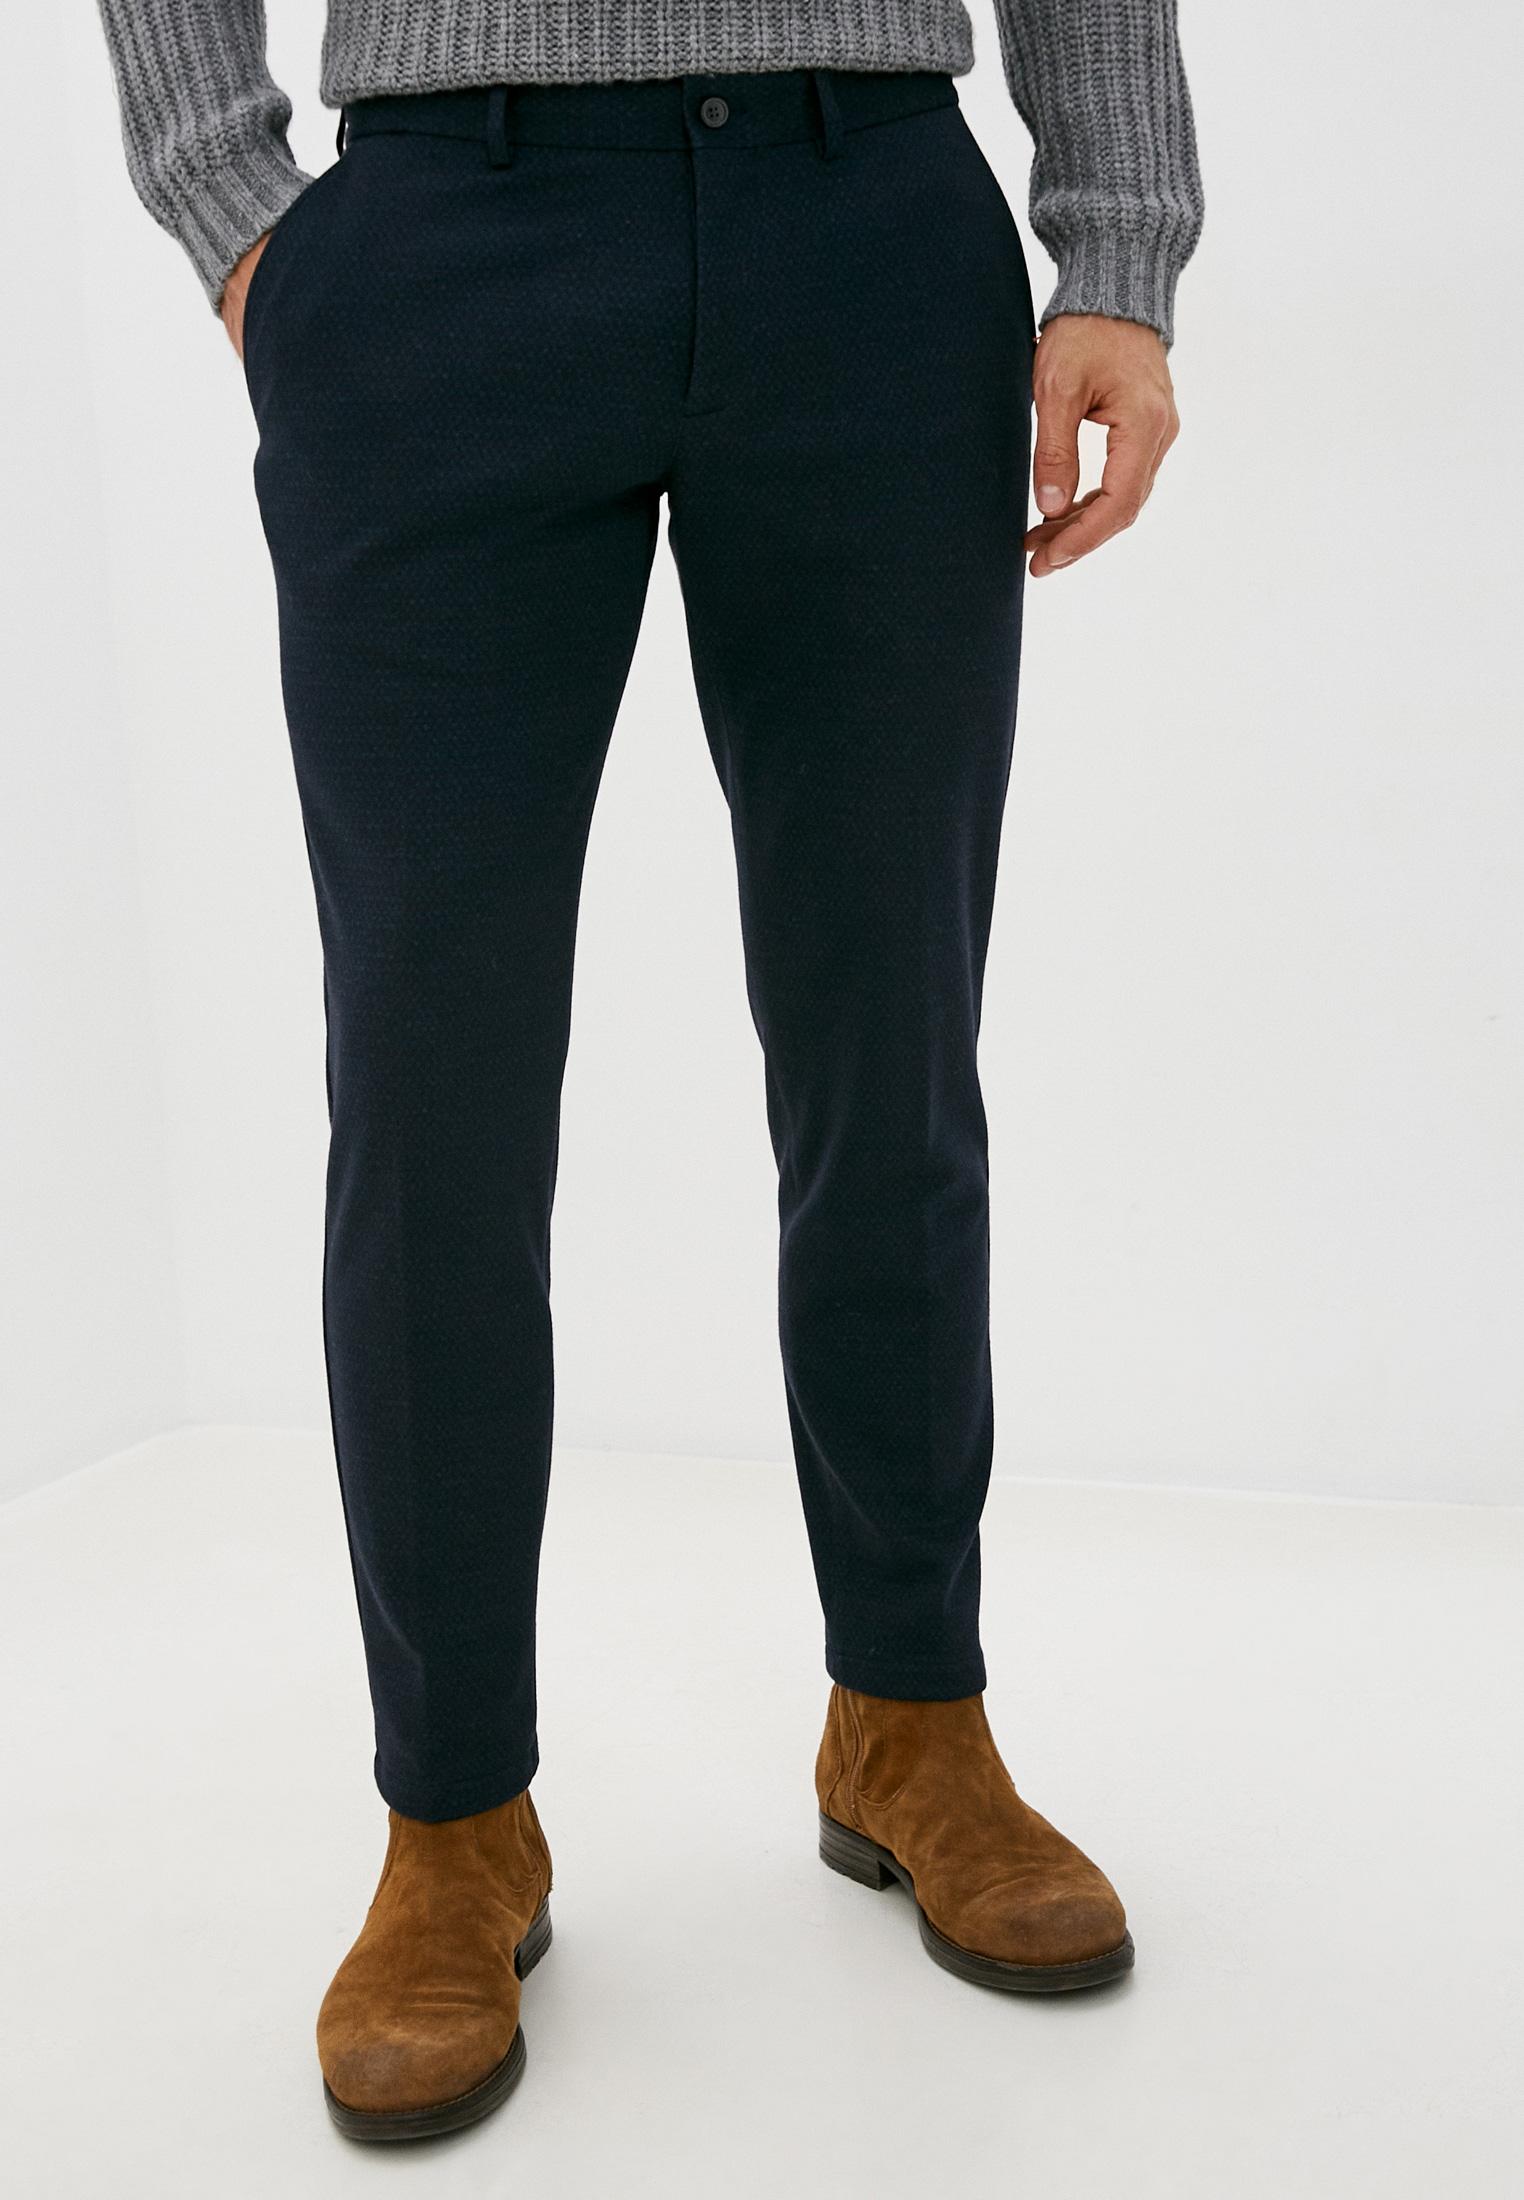 Мужские повседневные брюки s.Oliver Black Label Брюки s.Oliver Black Label